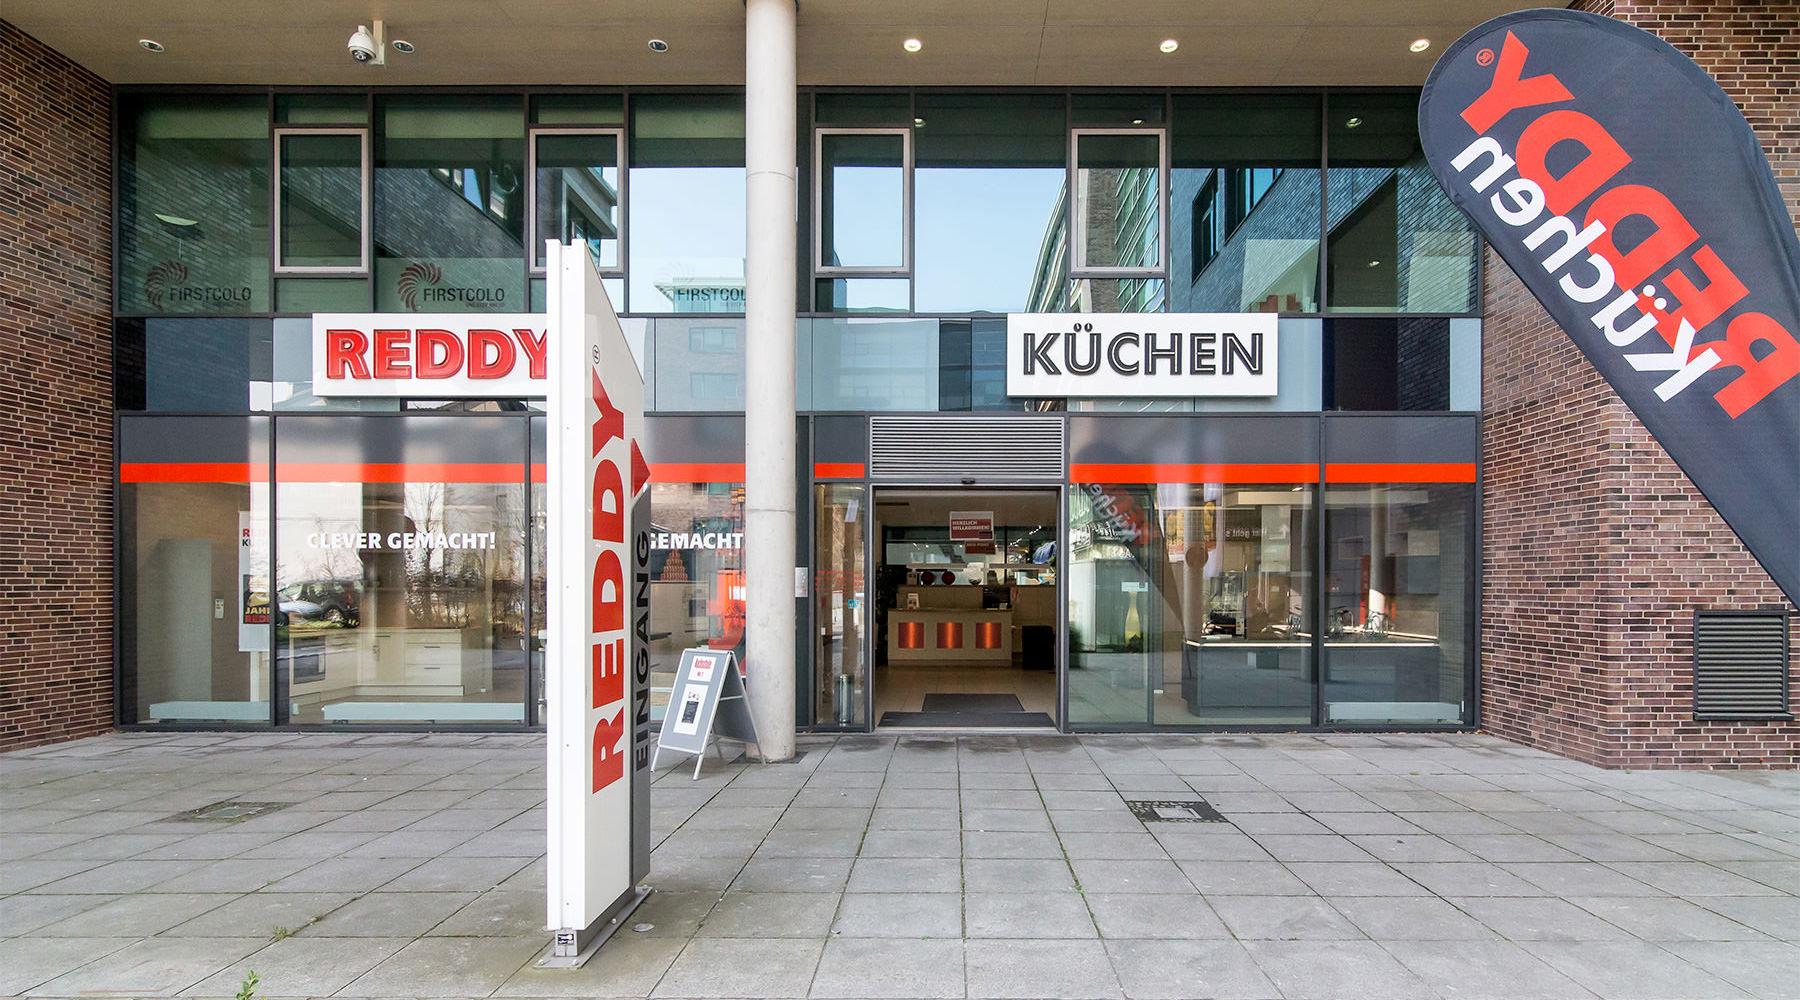 reddy k chen frankfurt in frankfurt am main branchenbuch deutschland. Black Bedroom Furniture Sets. Home Design Ideas